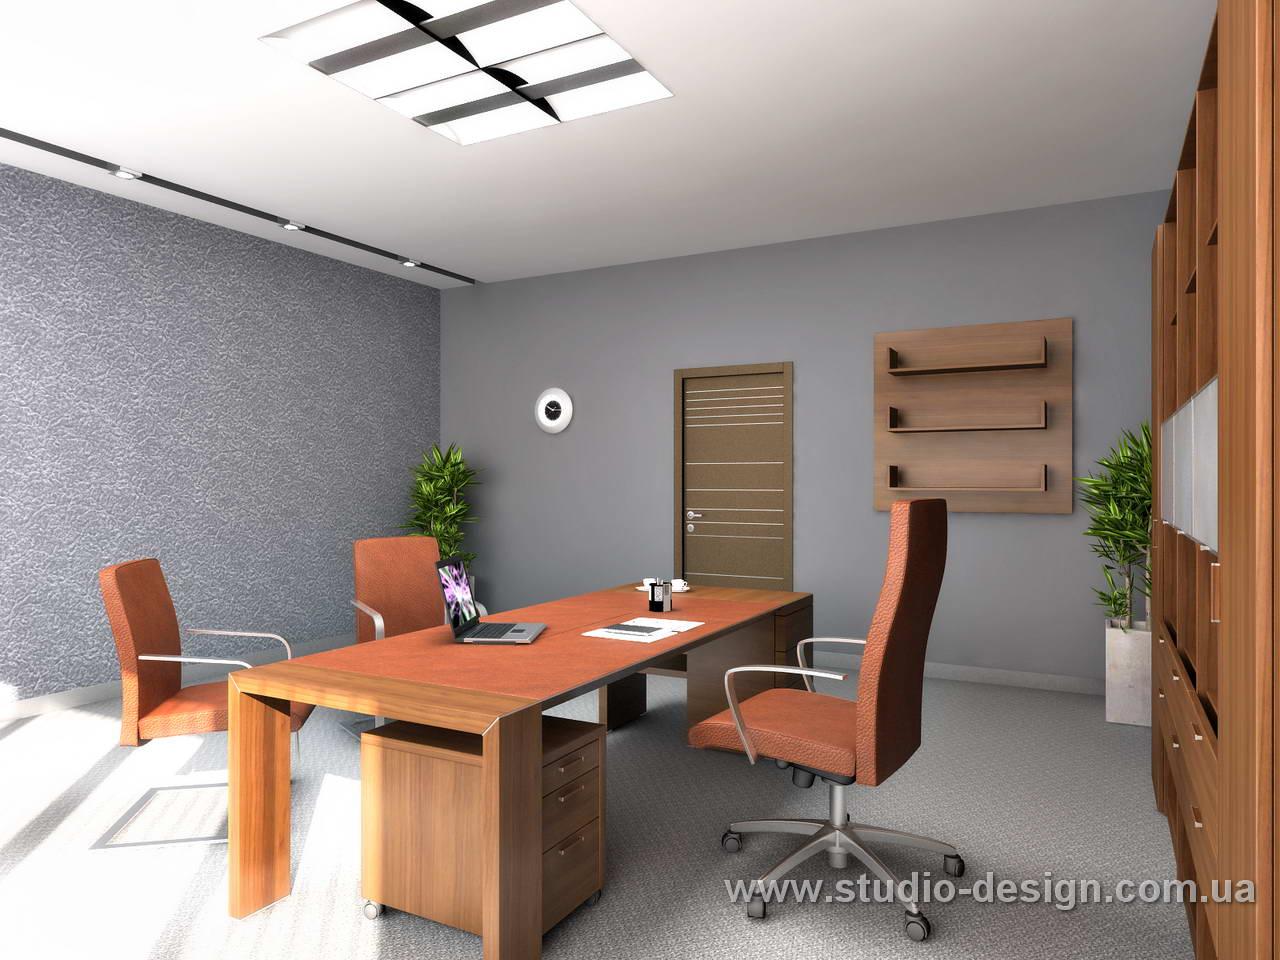 Дизайн интерьера офиса gt дизайн